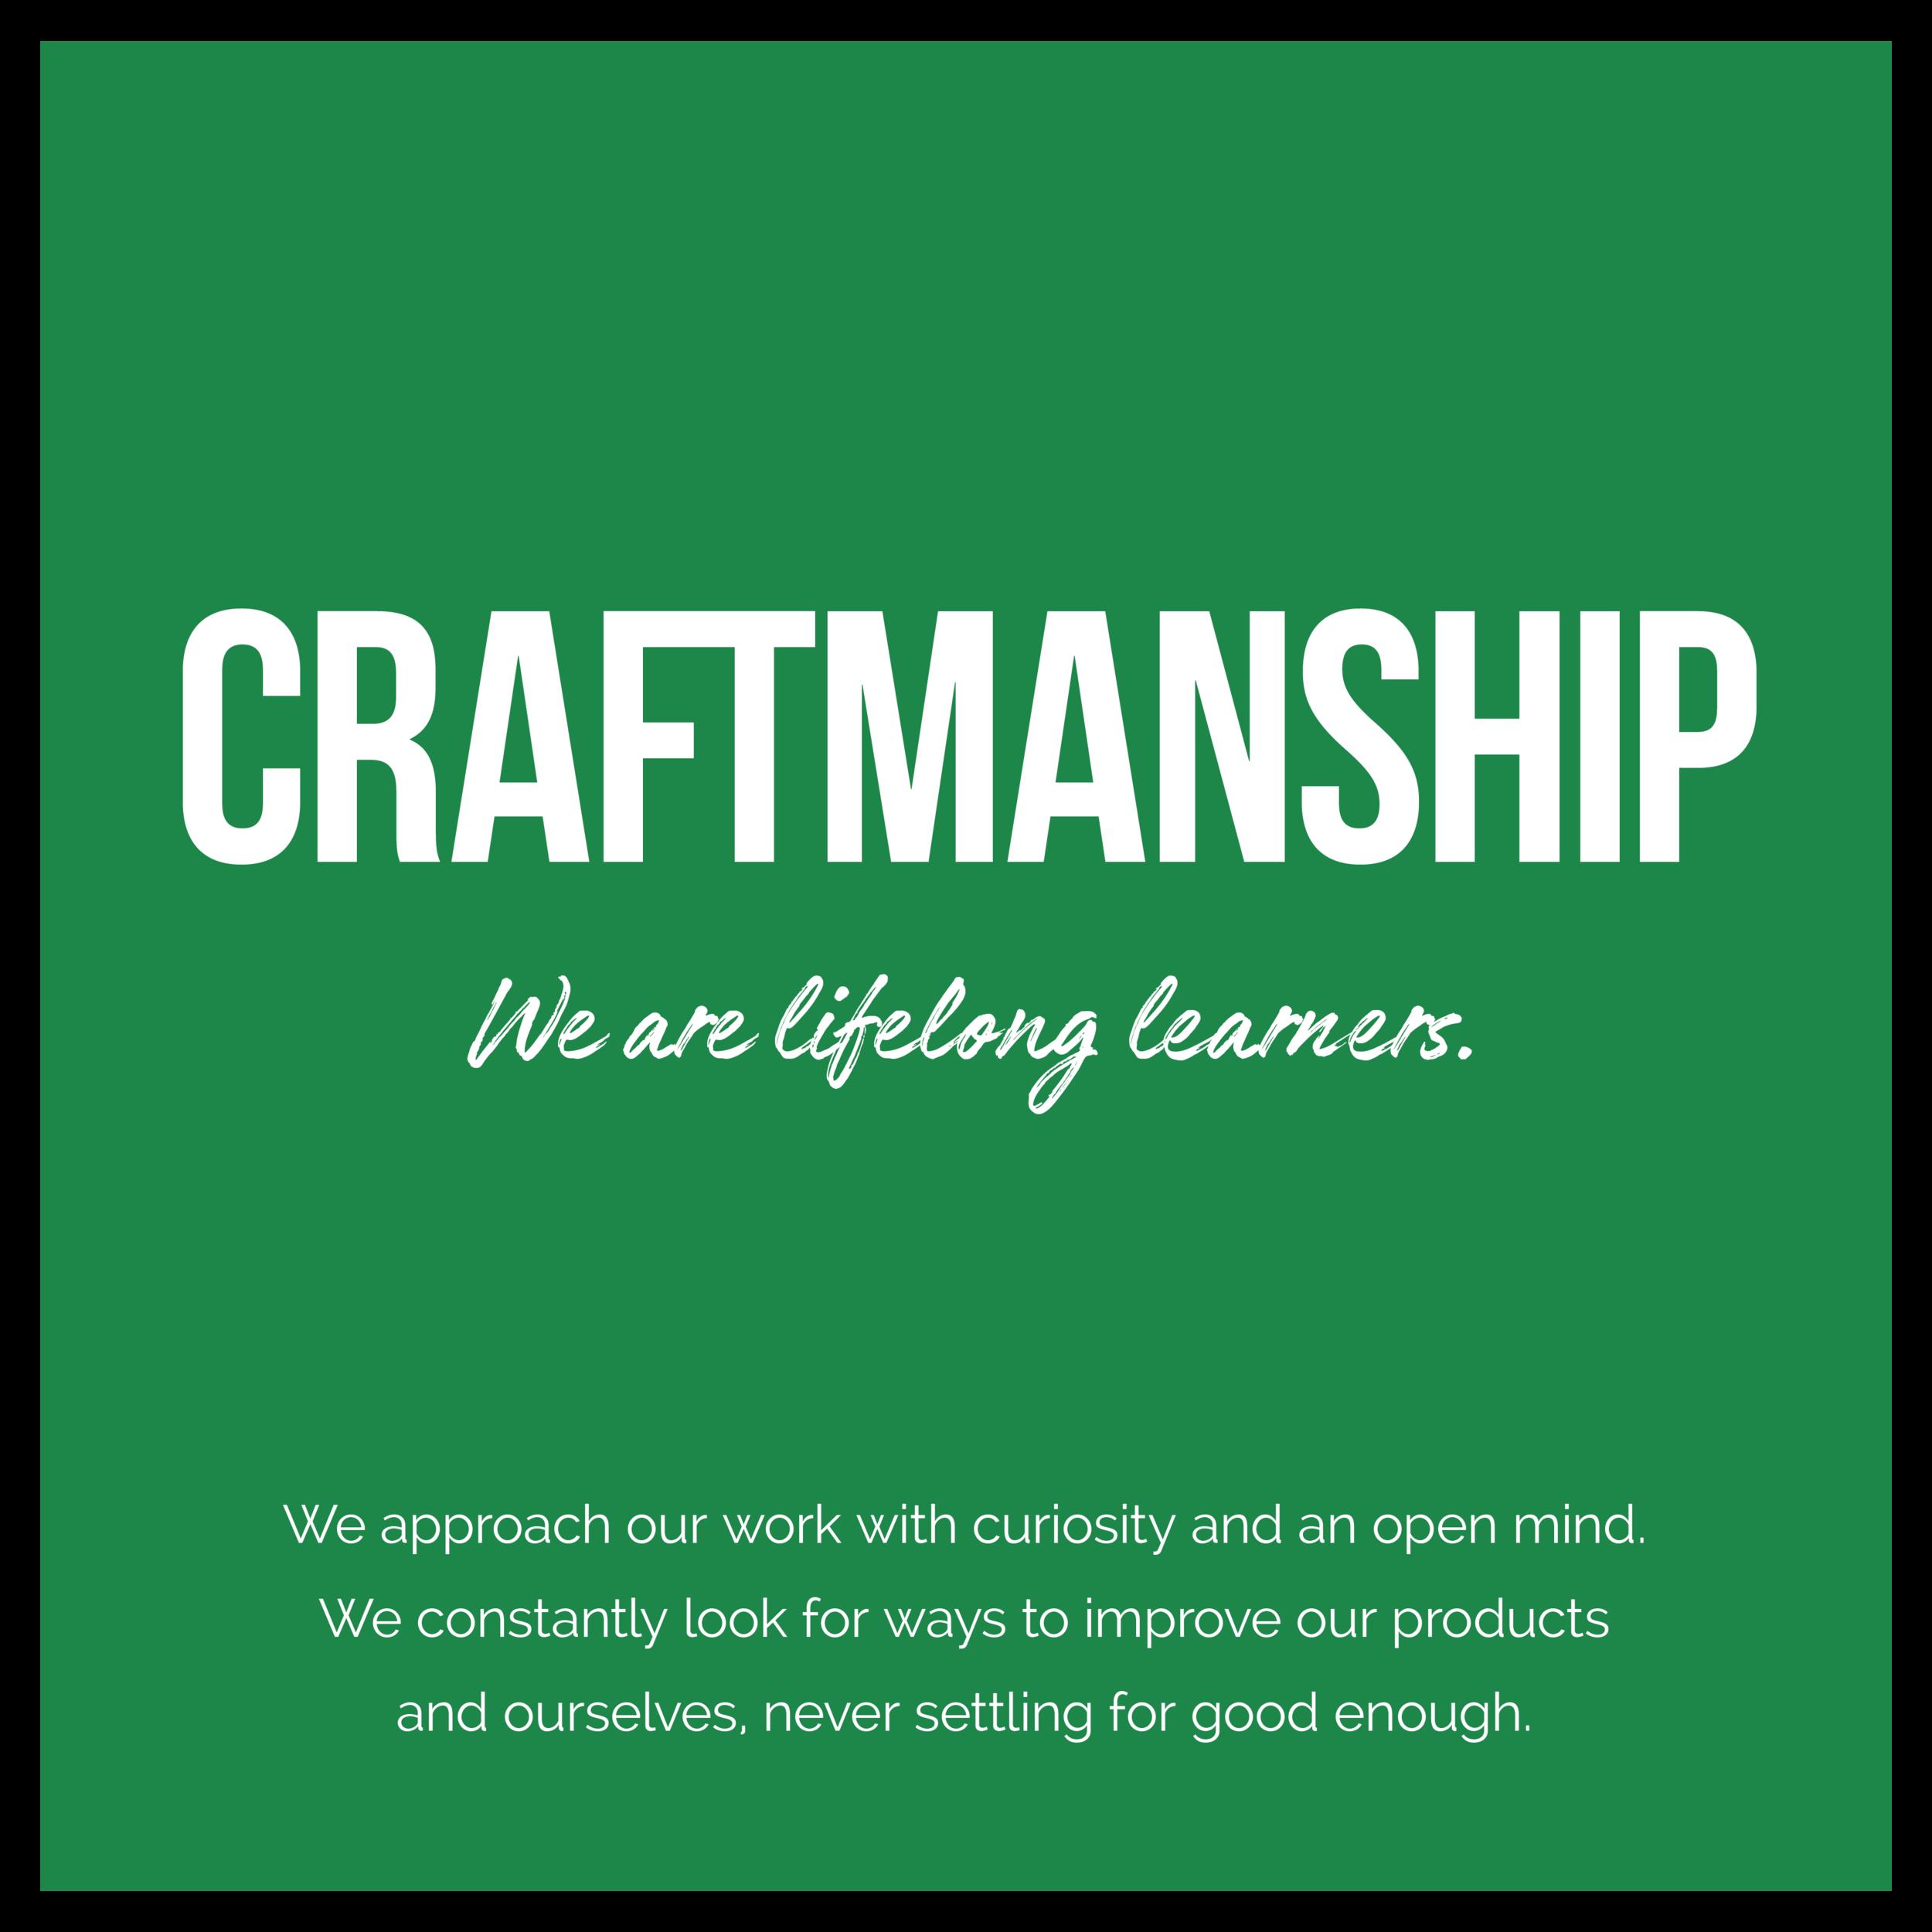 taskray-values-craftmanship.png